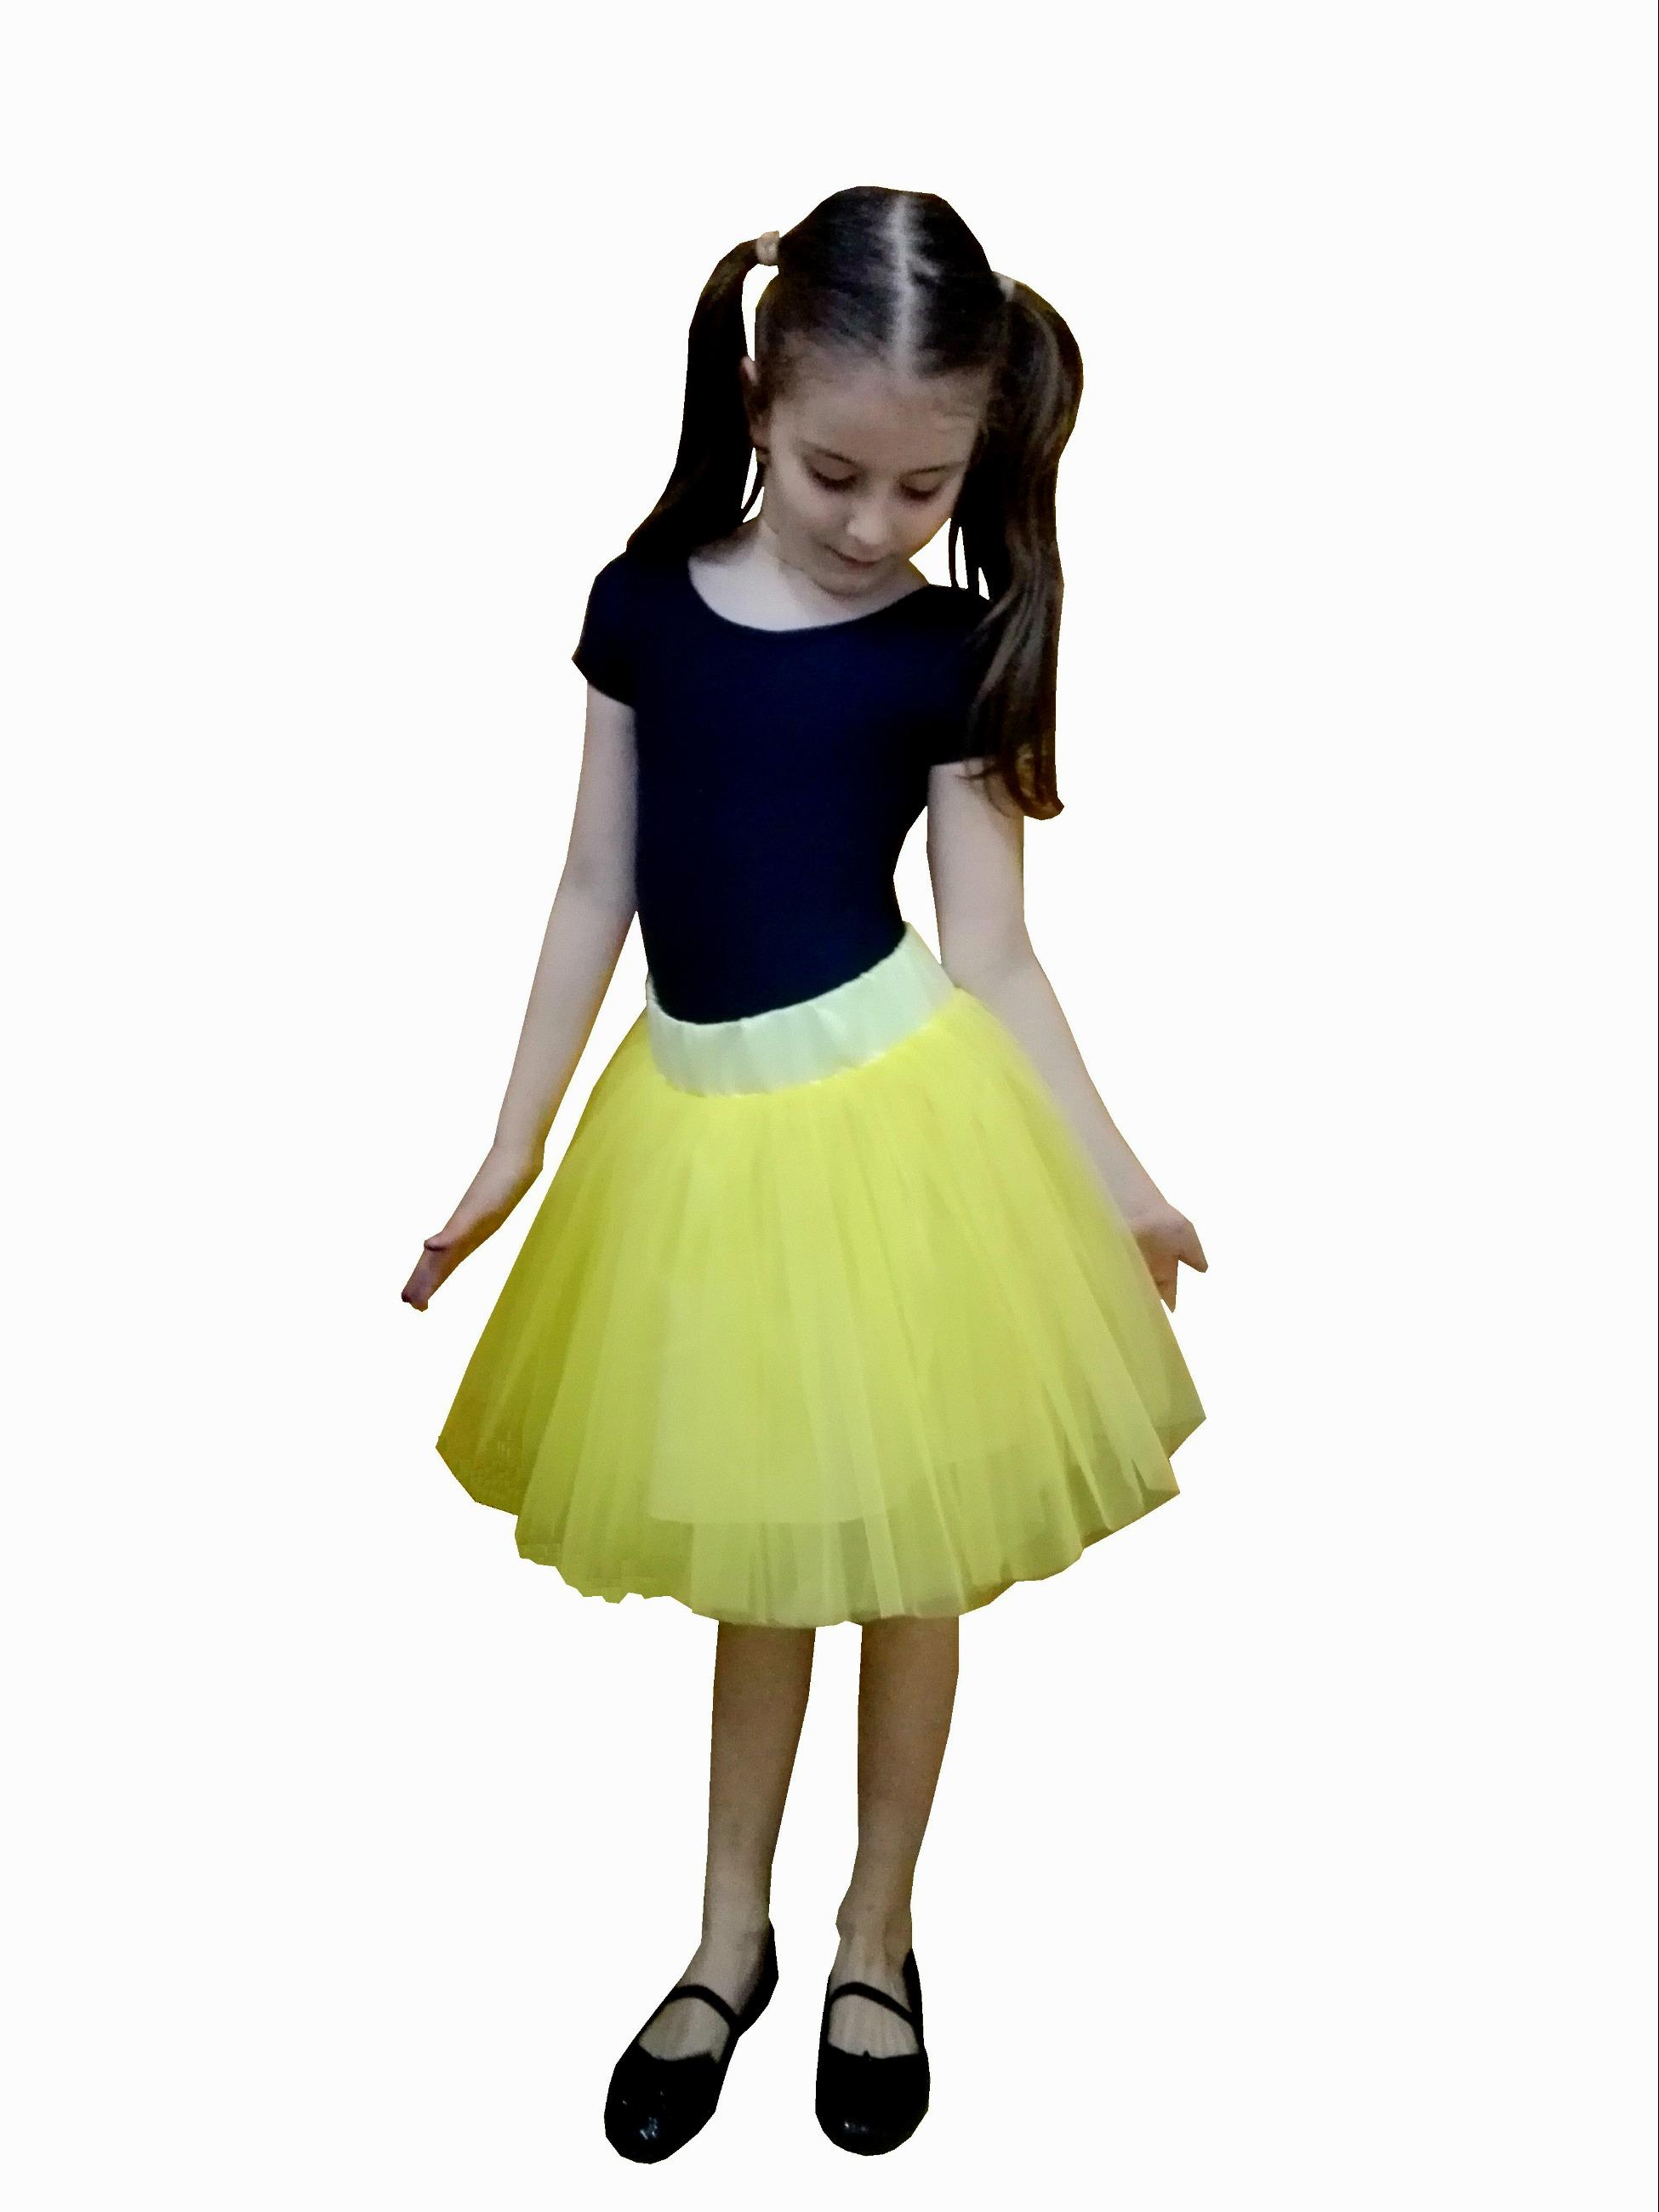 Fusta Tulle Galben Tutu Copii Alessia 6 10 Ani Ptk Fashion